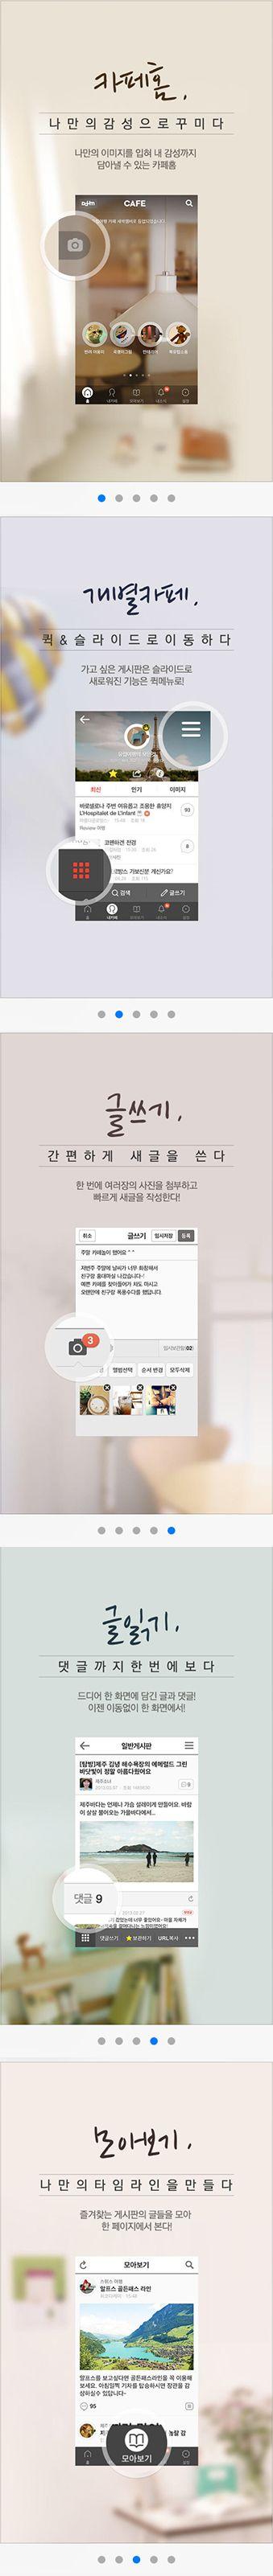 app daum cafe tutorial